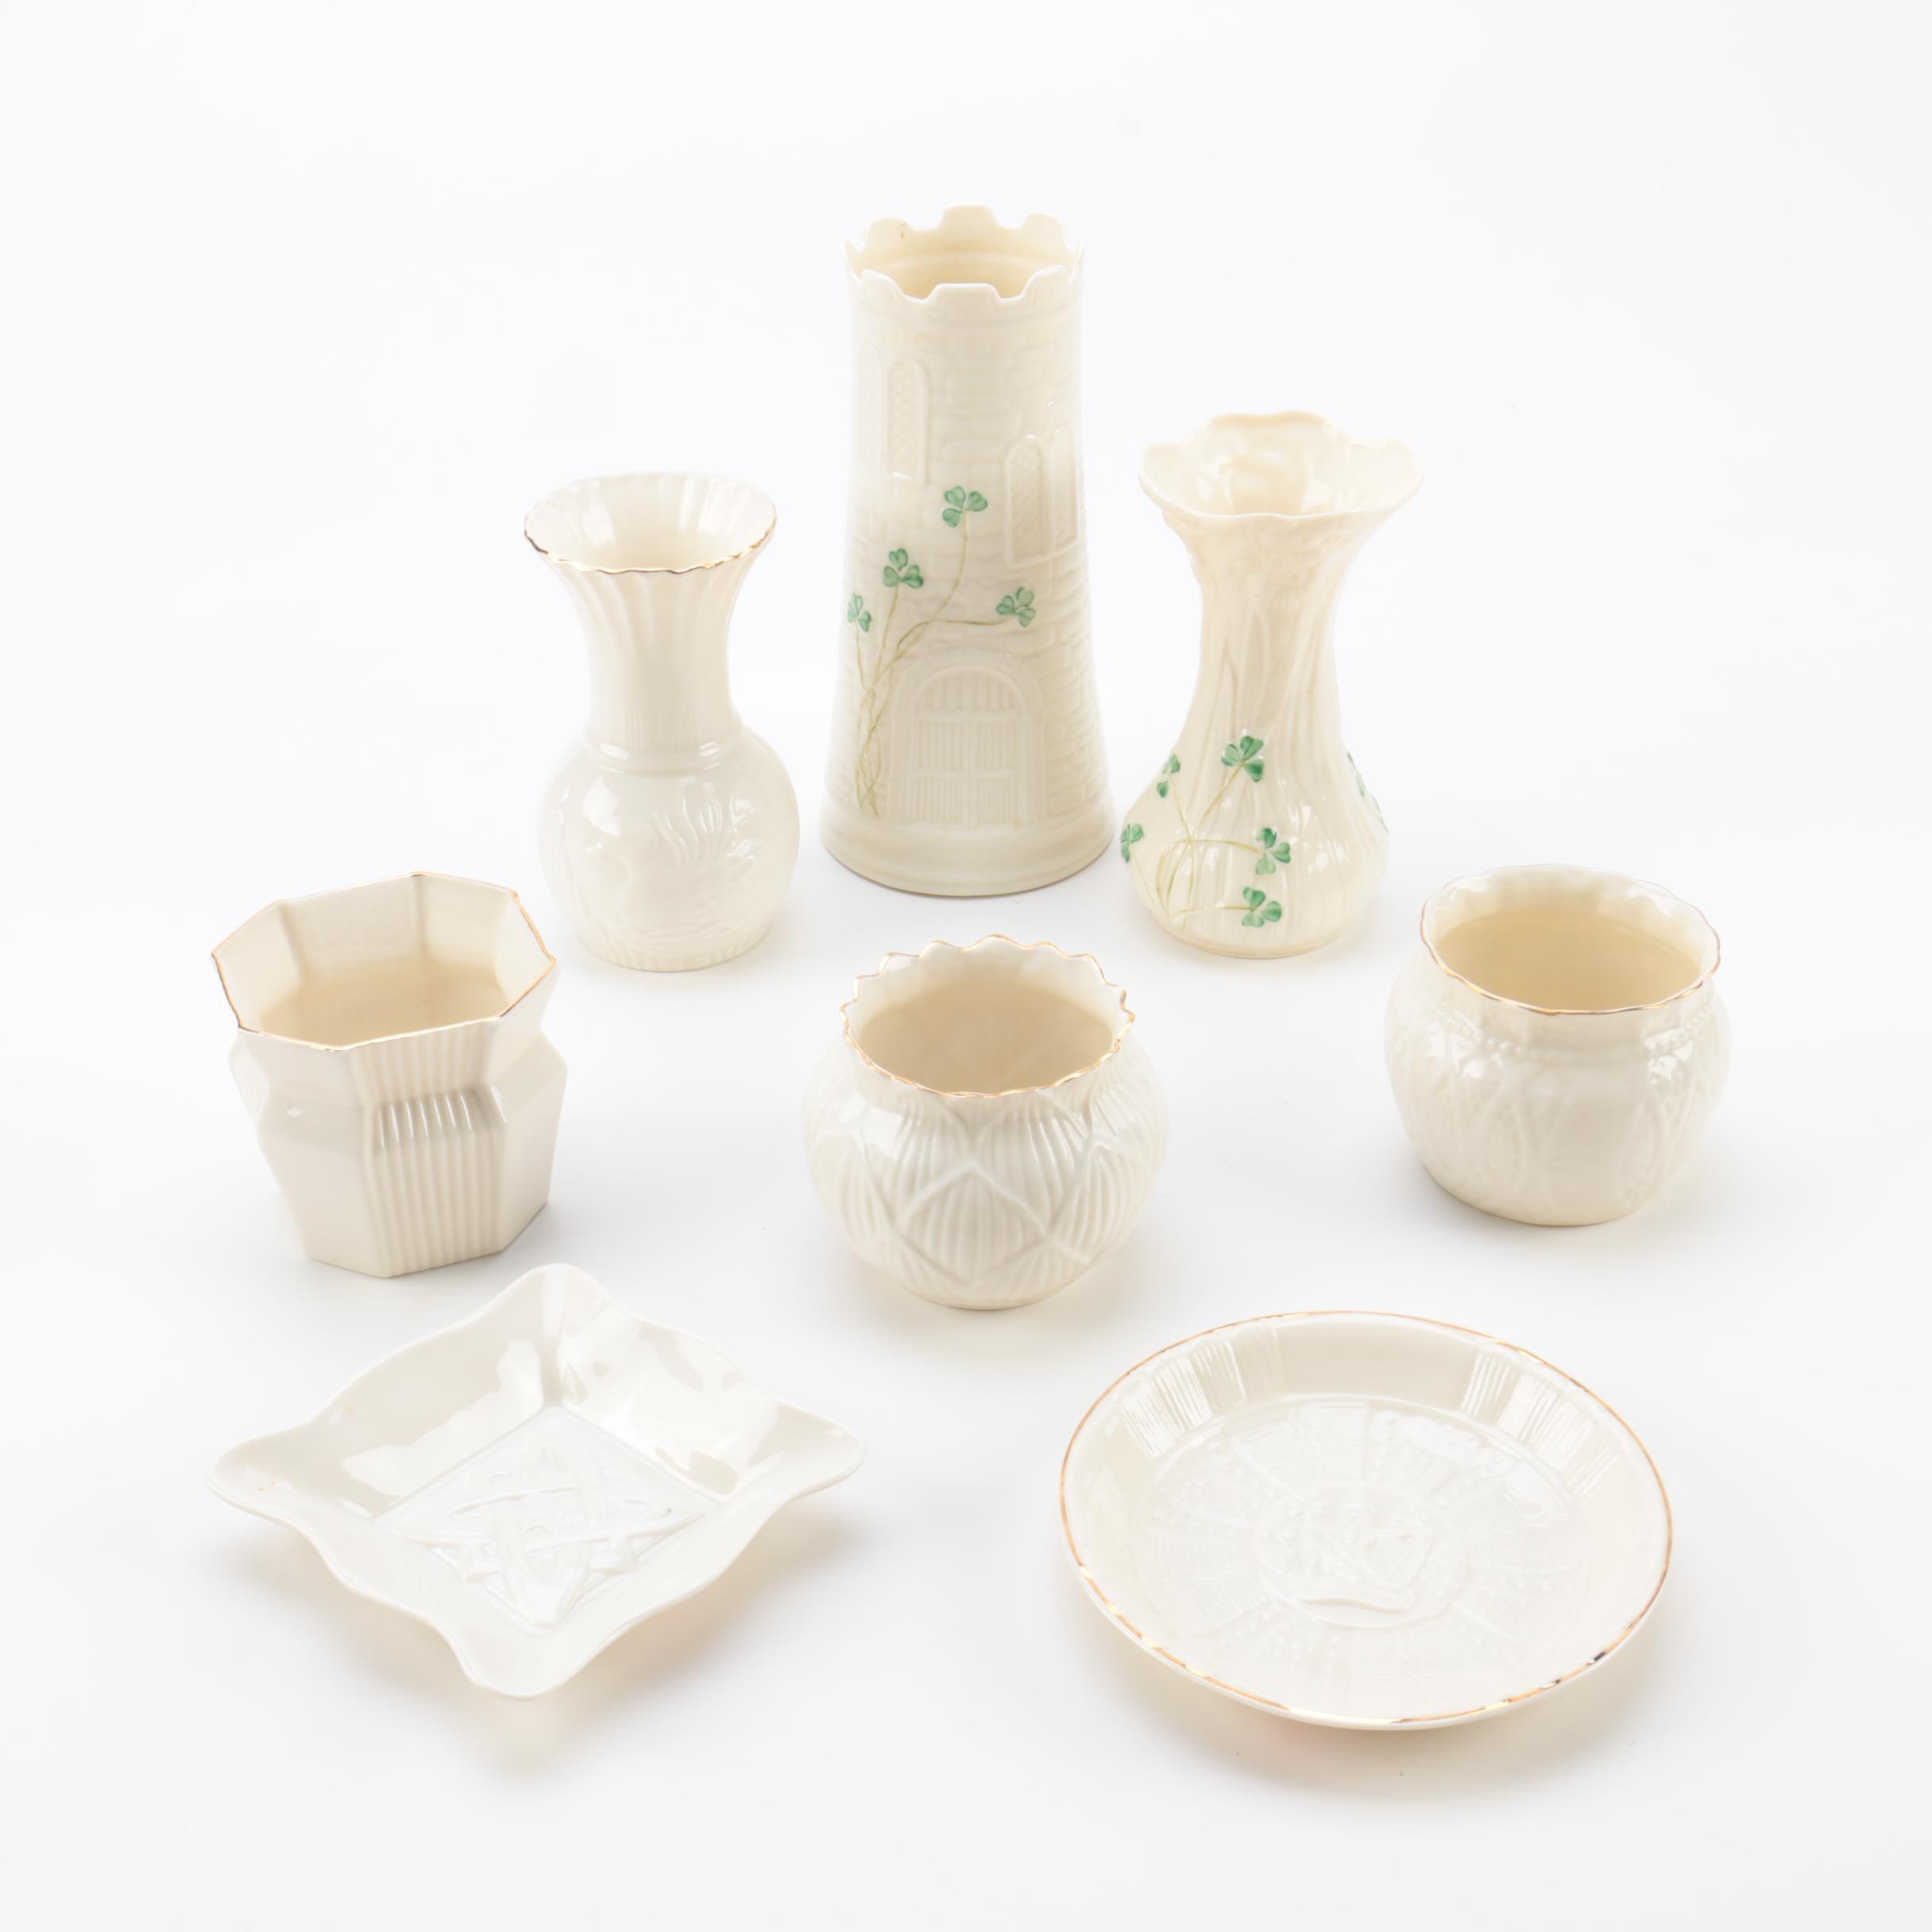 Belleek Porcelain Vases and Tableware